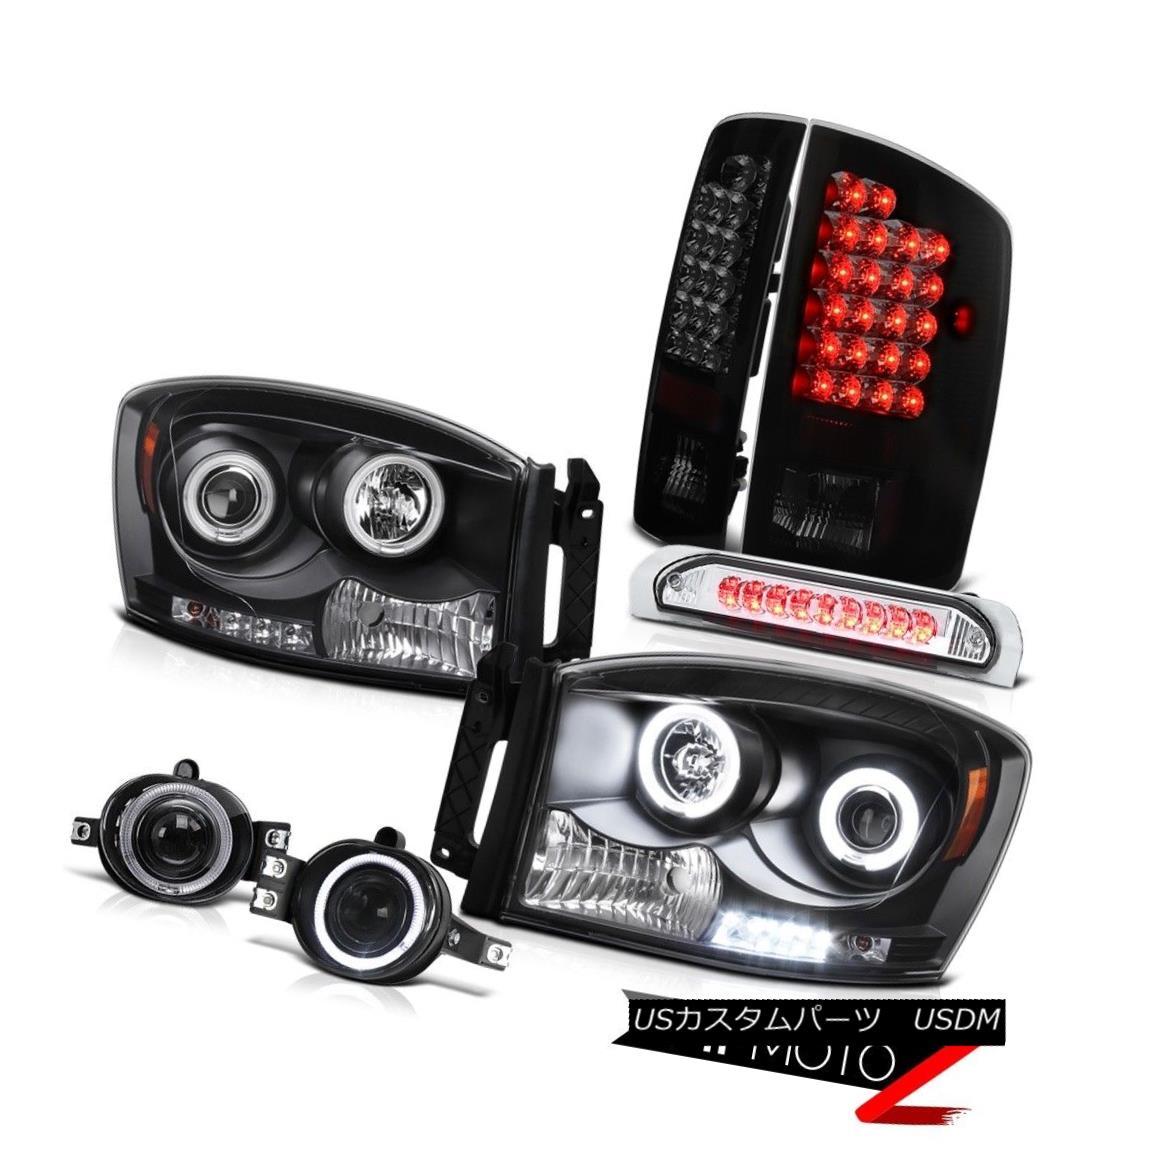 ヘッドライト {Matte} 07-09 Ram CCFL Angel Eye DRL Headlight LED Rear Lamp 3rd Brake Light Fog {マット} 07-09ラムCCFLエンジェルアイDRLヘッドライトLEDリアライト第3ブレーキライトフォグ